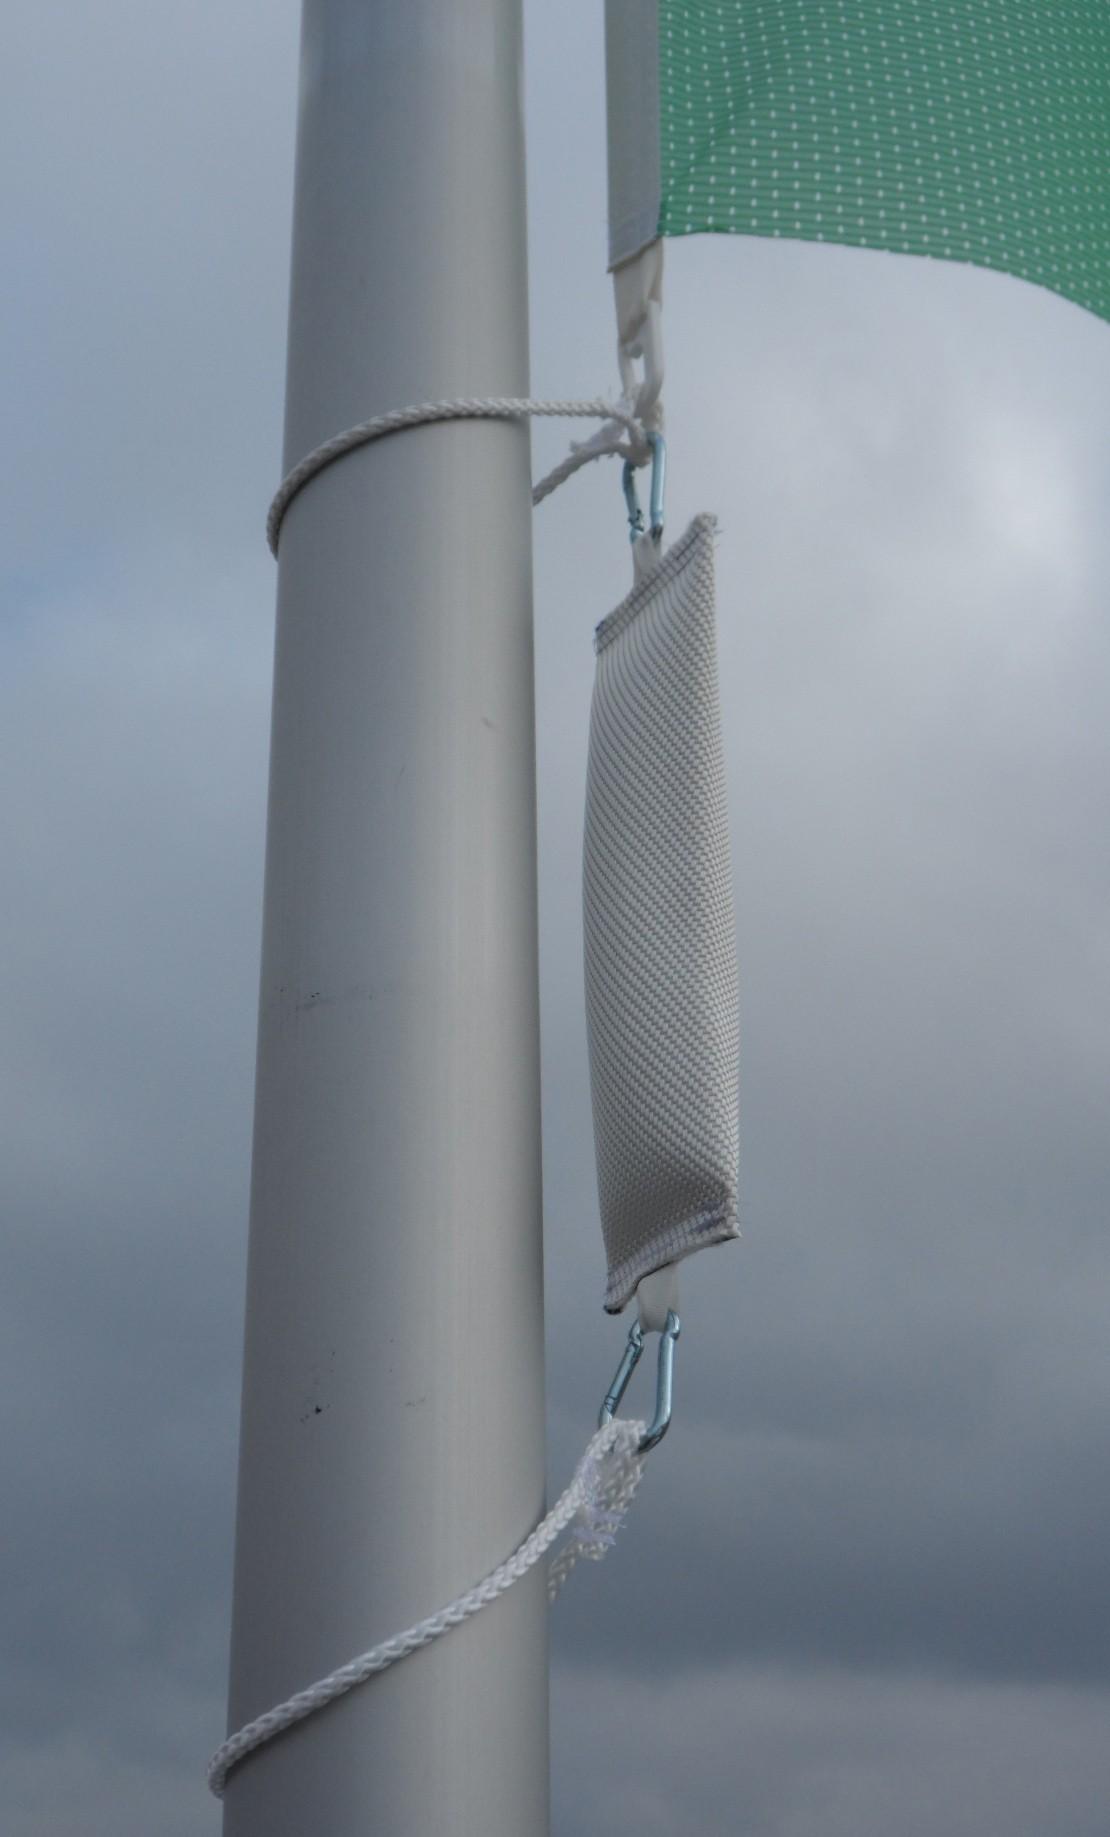 """Flaggengewicht """"Mega-Extrem"""" ca. 1500 Gramm, Kletterstoppgewicht  für Masten von 60 -90 mm Durchmesser"""